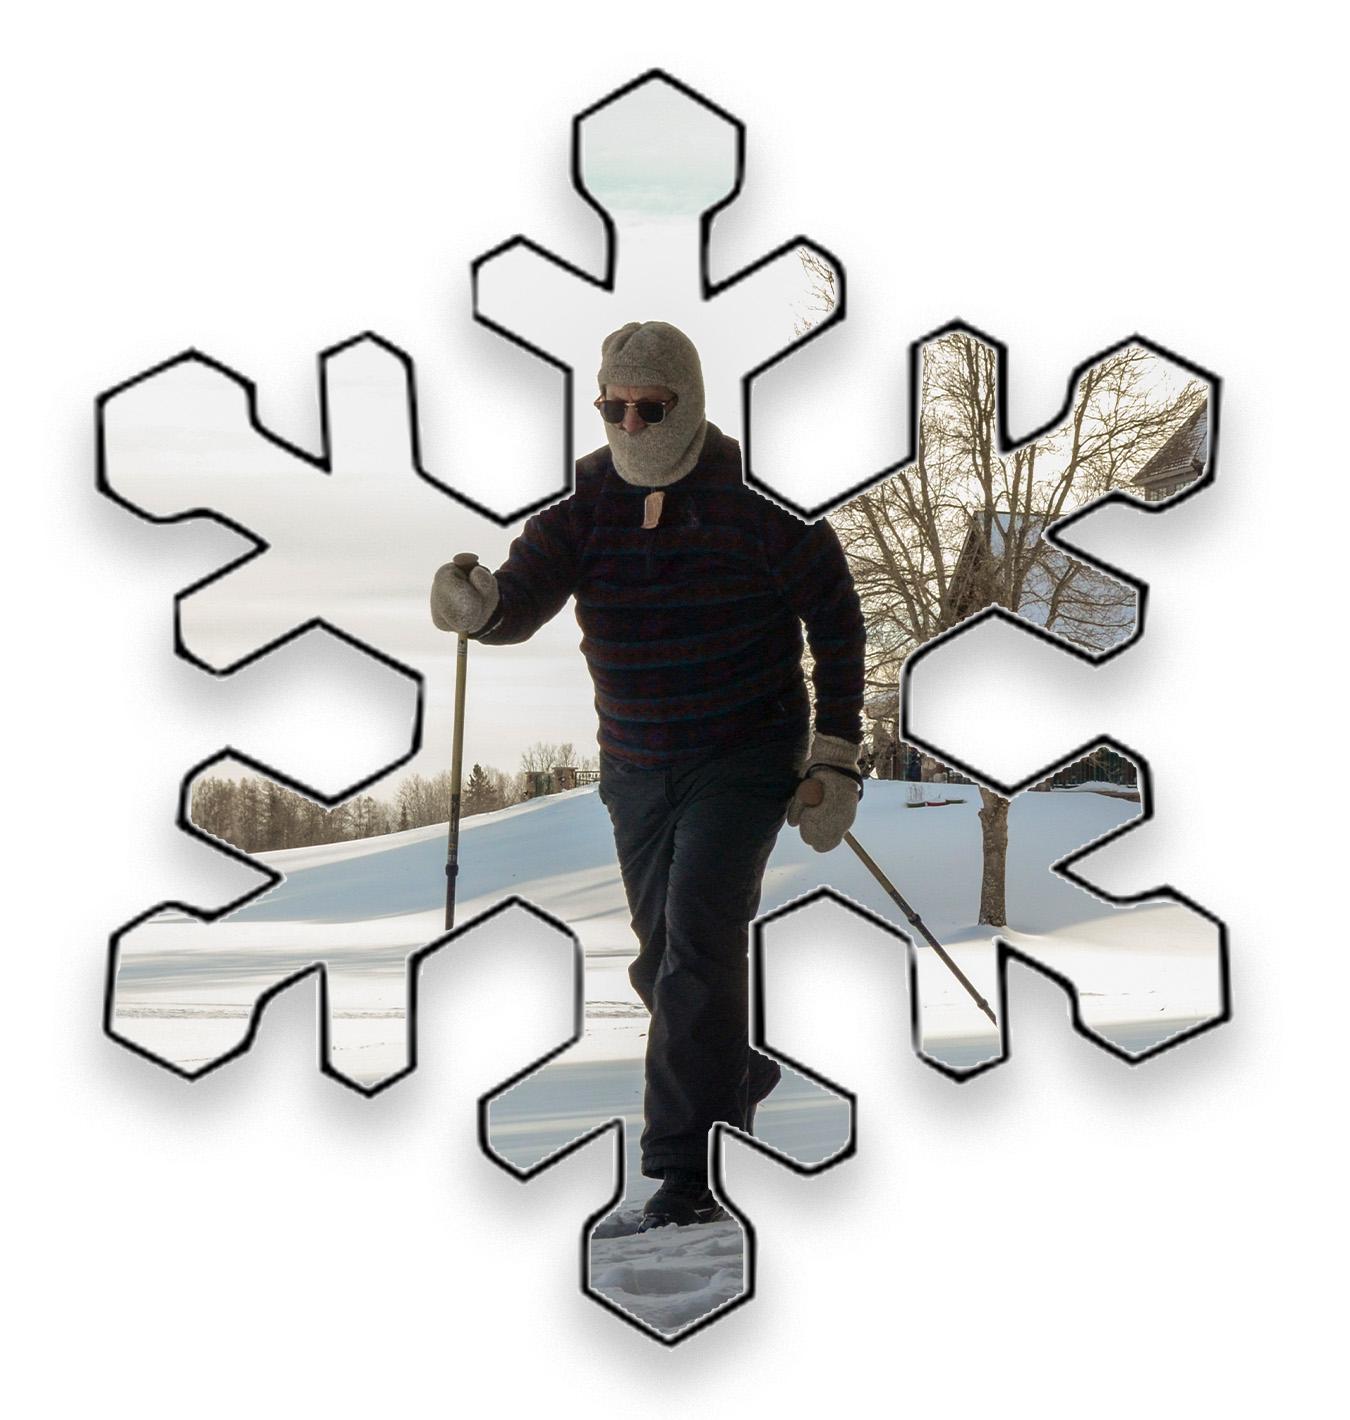 Snowflake website 2